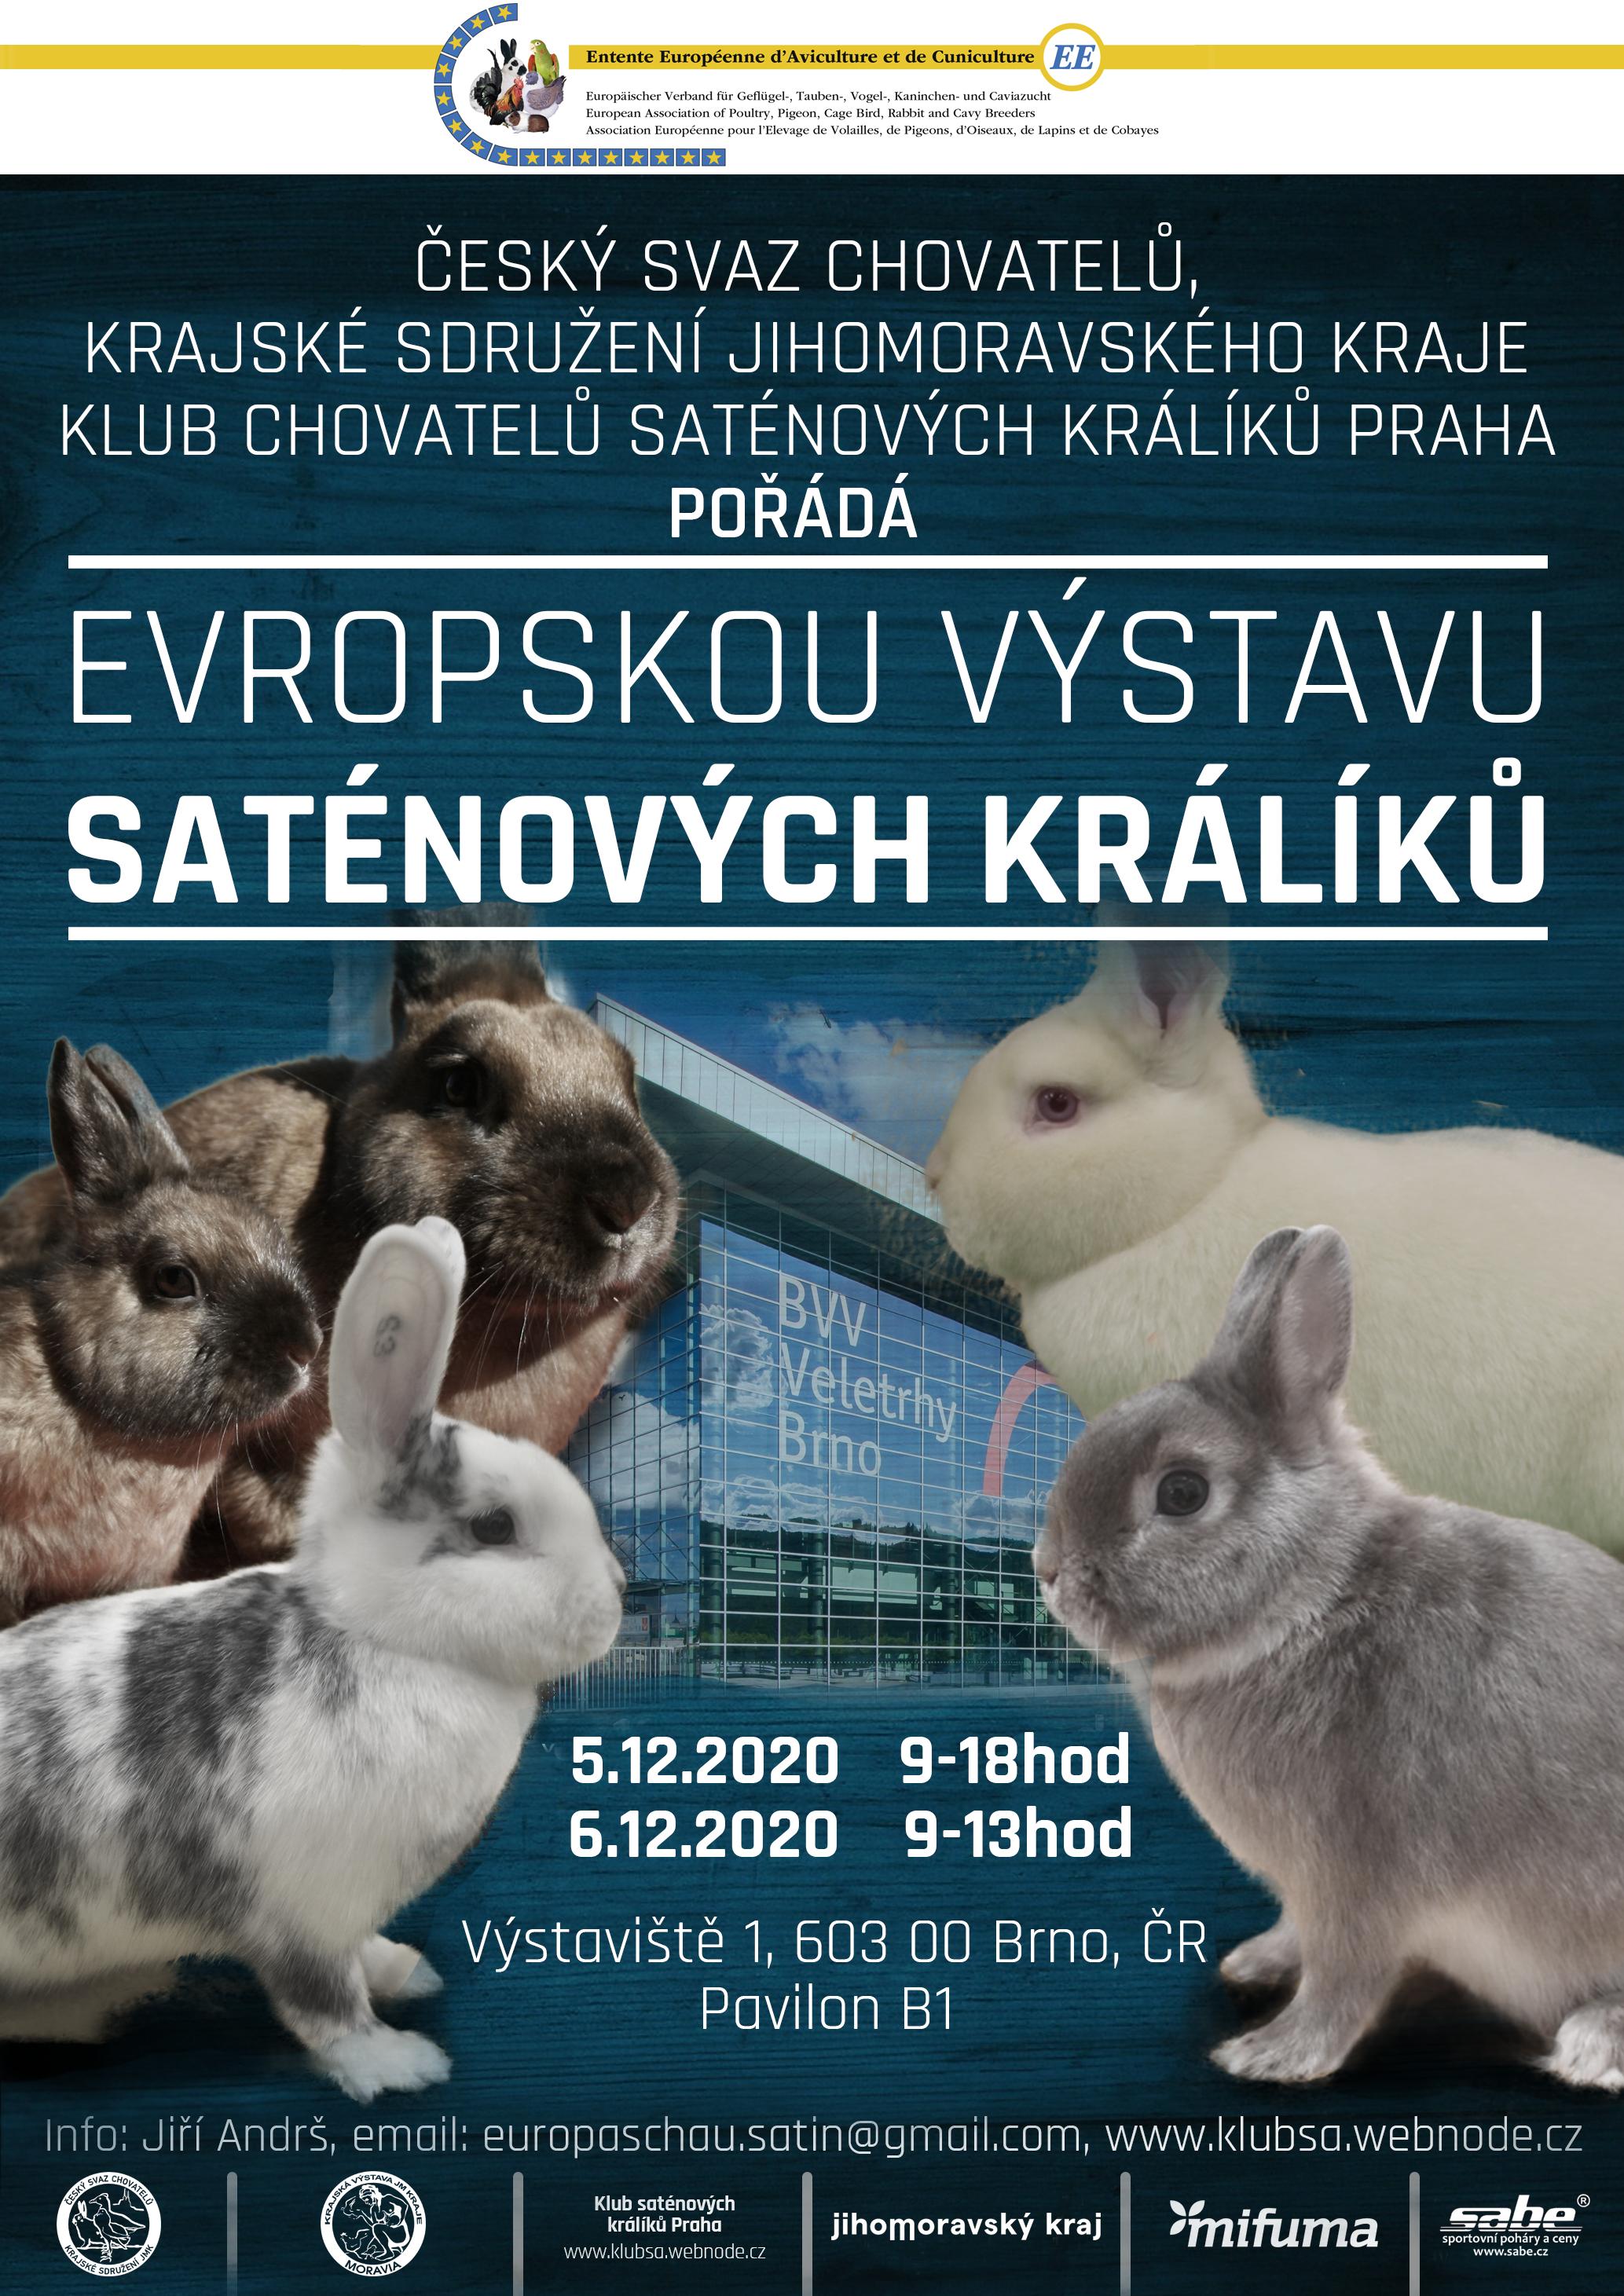 https://www.cschbohdalov.cz/europaschausatin2020/EEcz.jpg